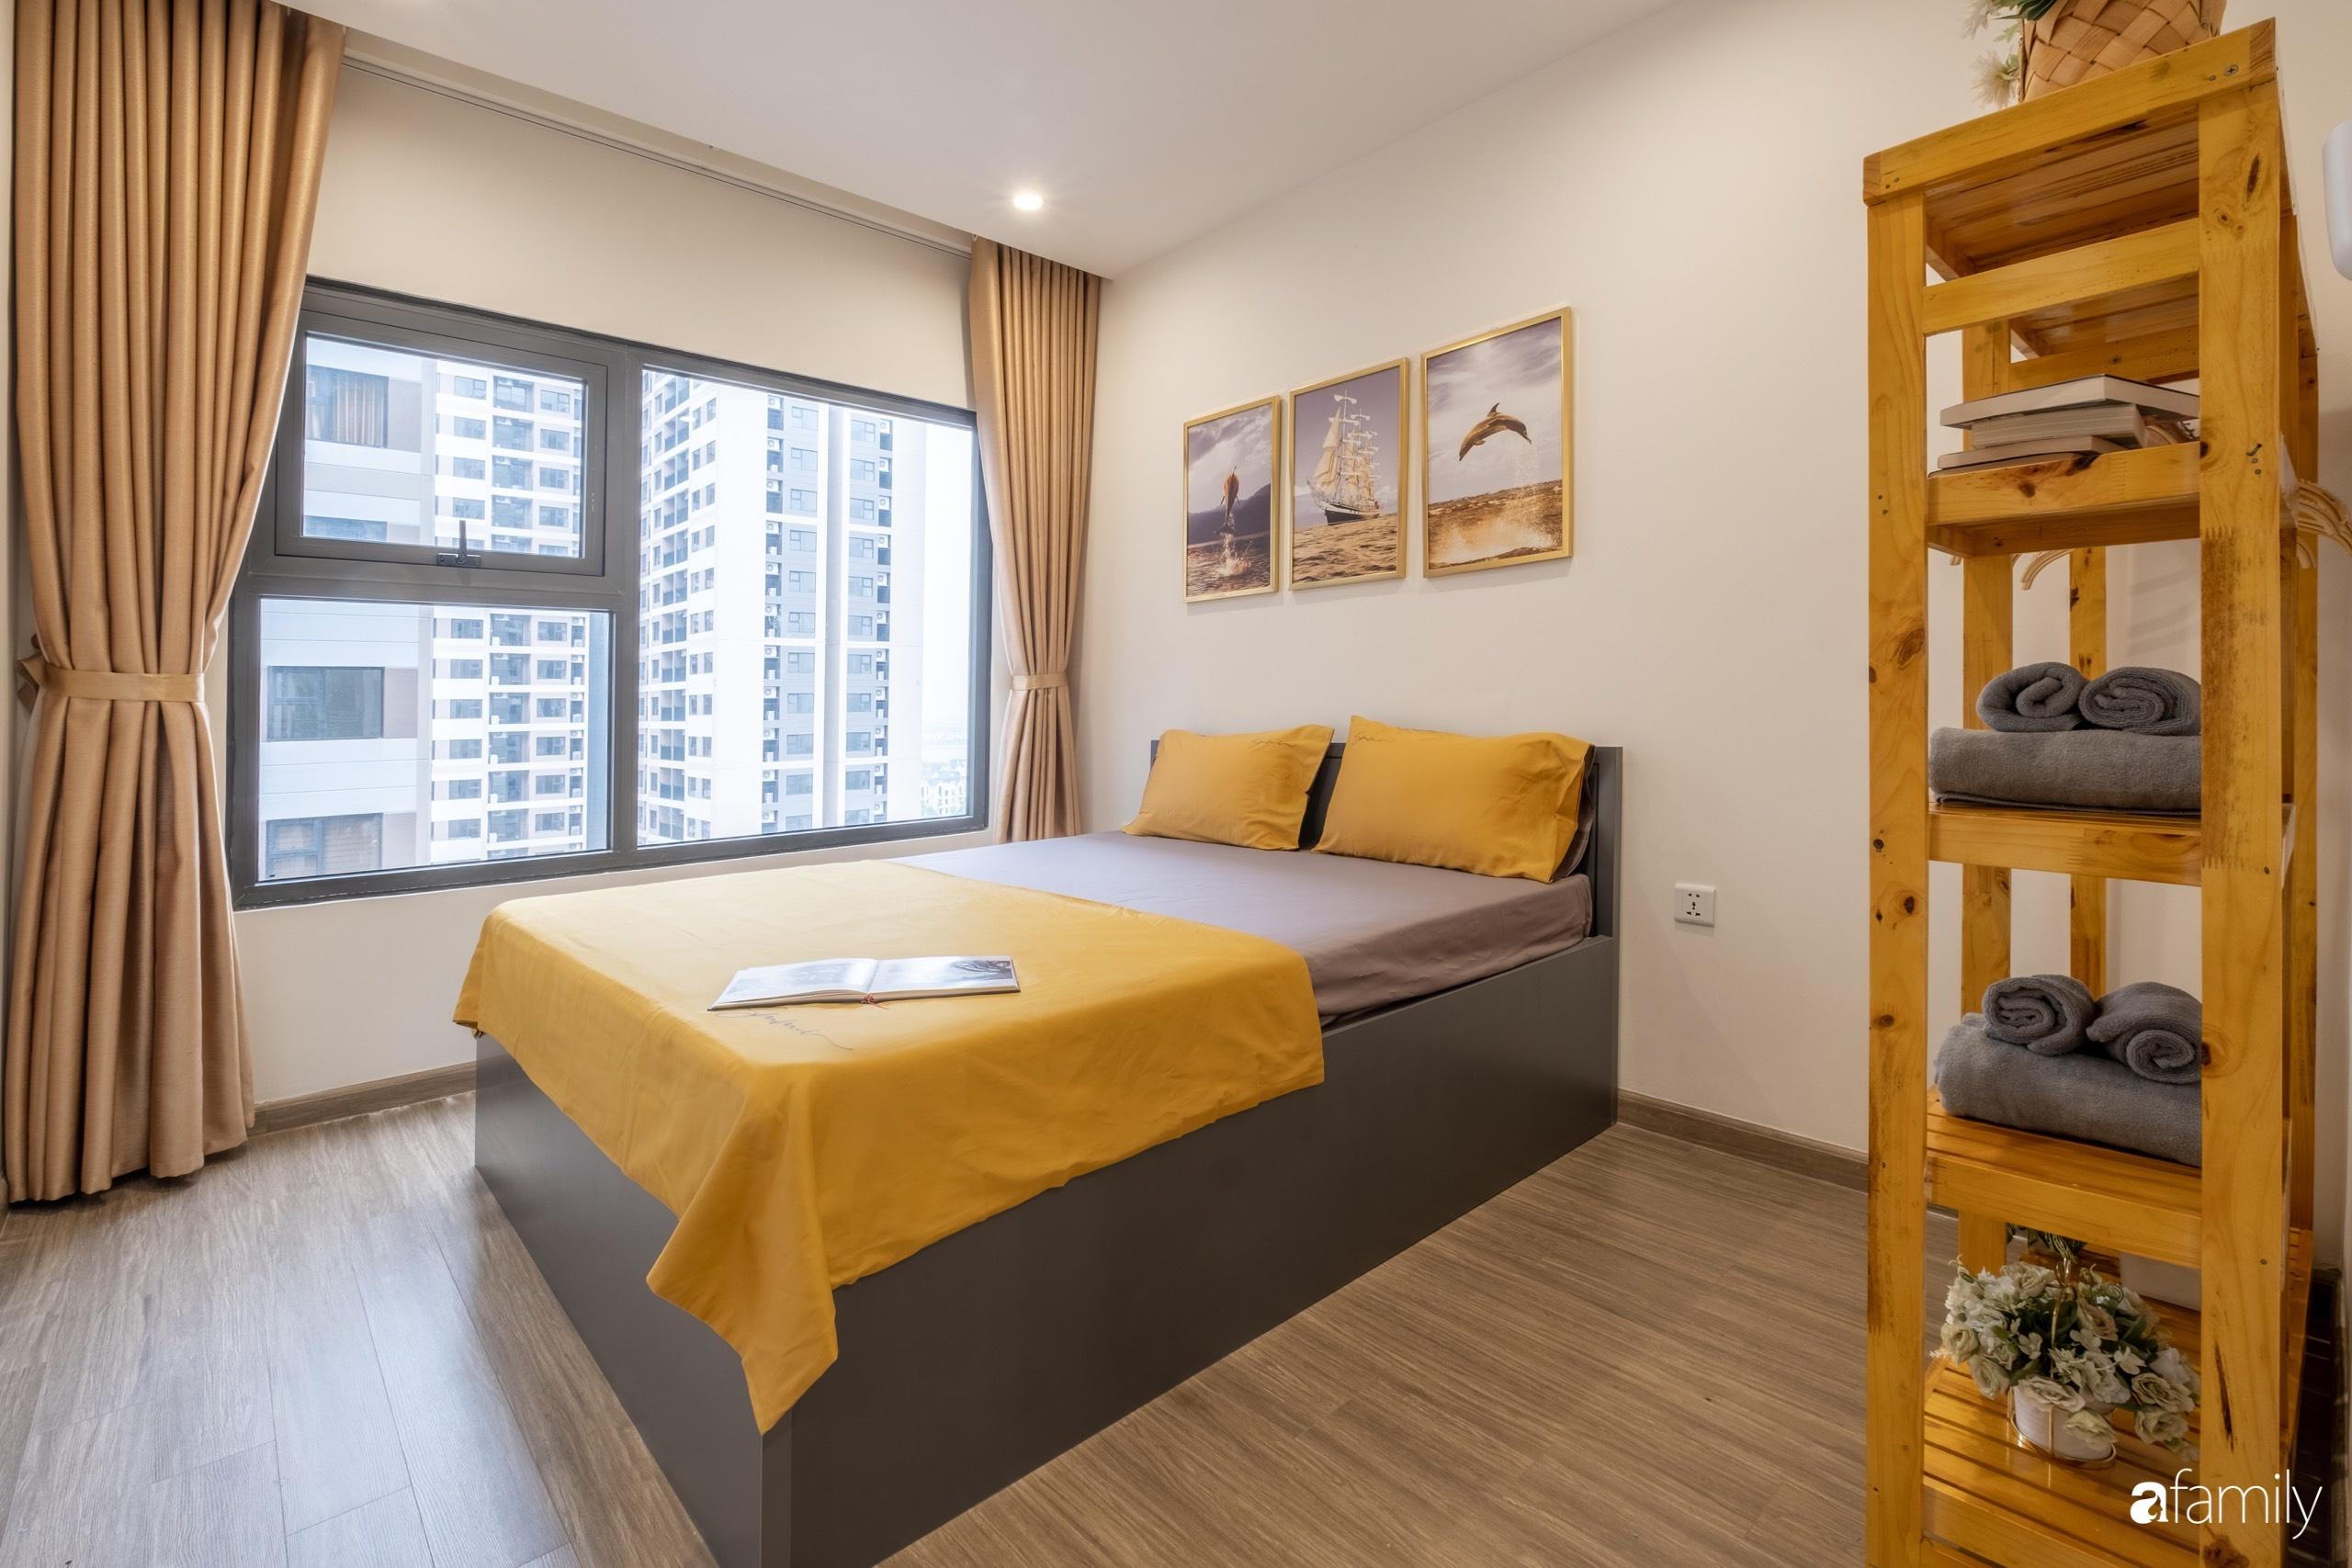 Căn hộ 54m² đẹp cuốn hút với tông màu xanh gần gũi với thiên nhiên có chi phí hoàn thiện nội thất 150 triệu đồng ở Hà Nội - Ảnh 11.